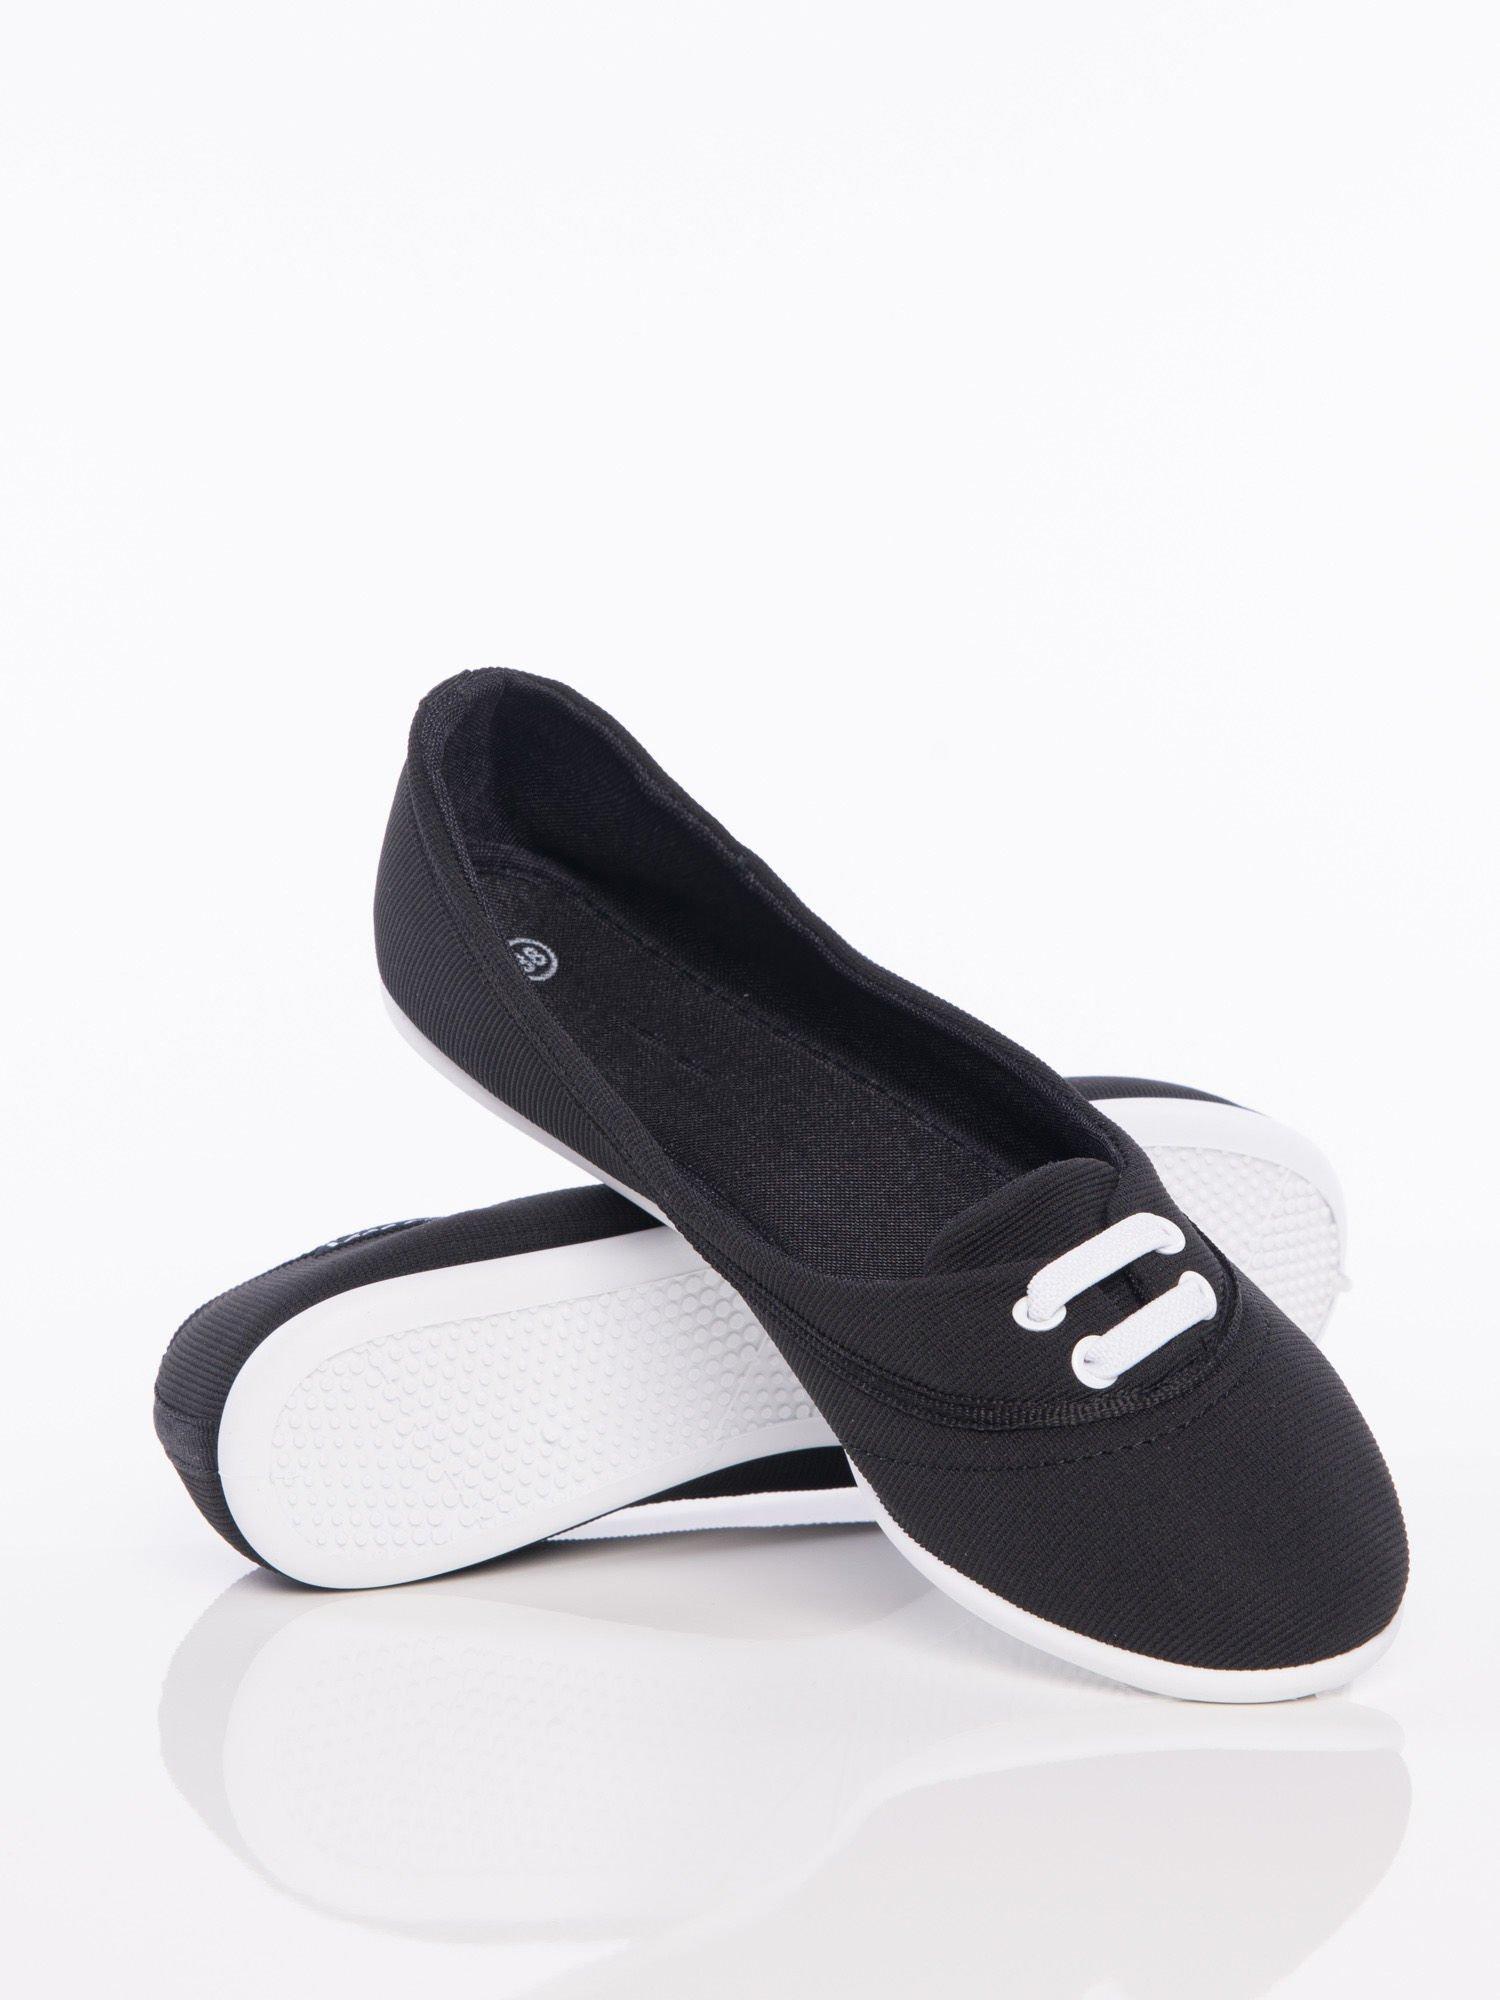 Czarne materiałowe baleriny Cushy Court ze sznurówkami i białą podeszwą                                  zdj.                                  2